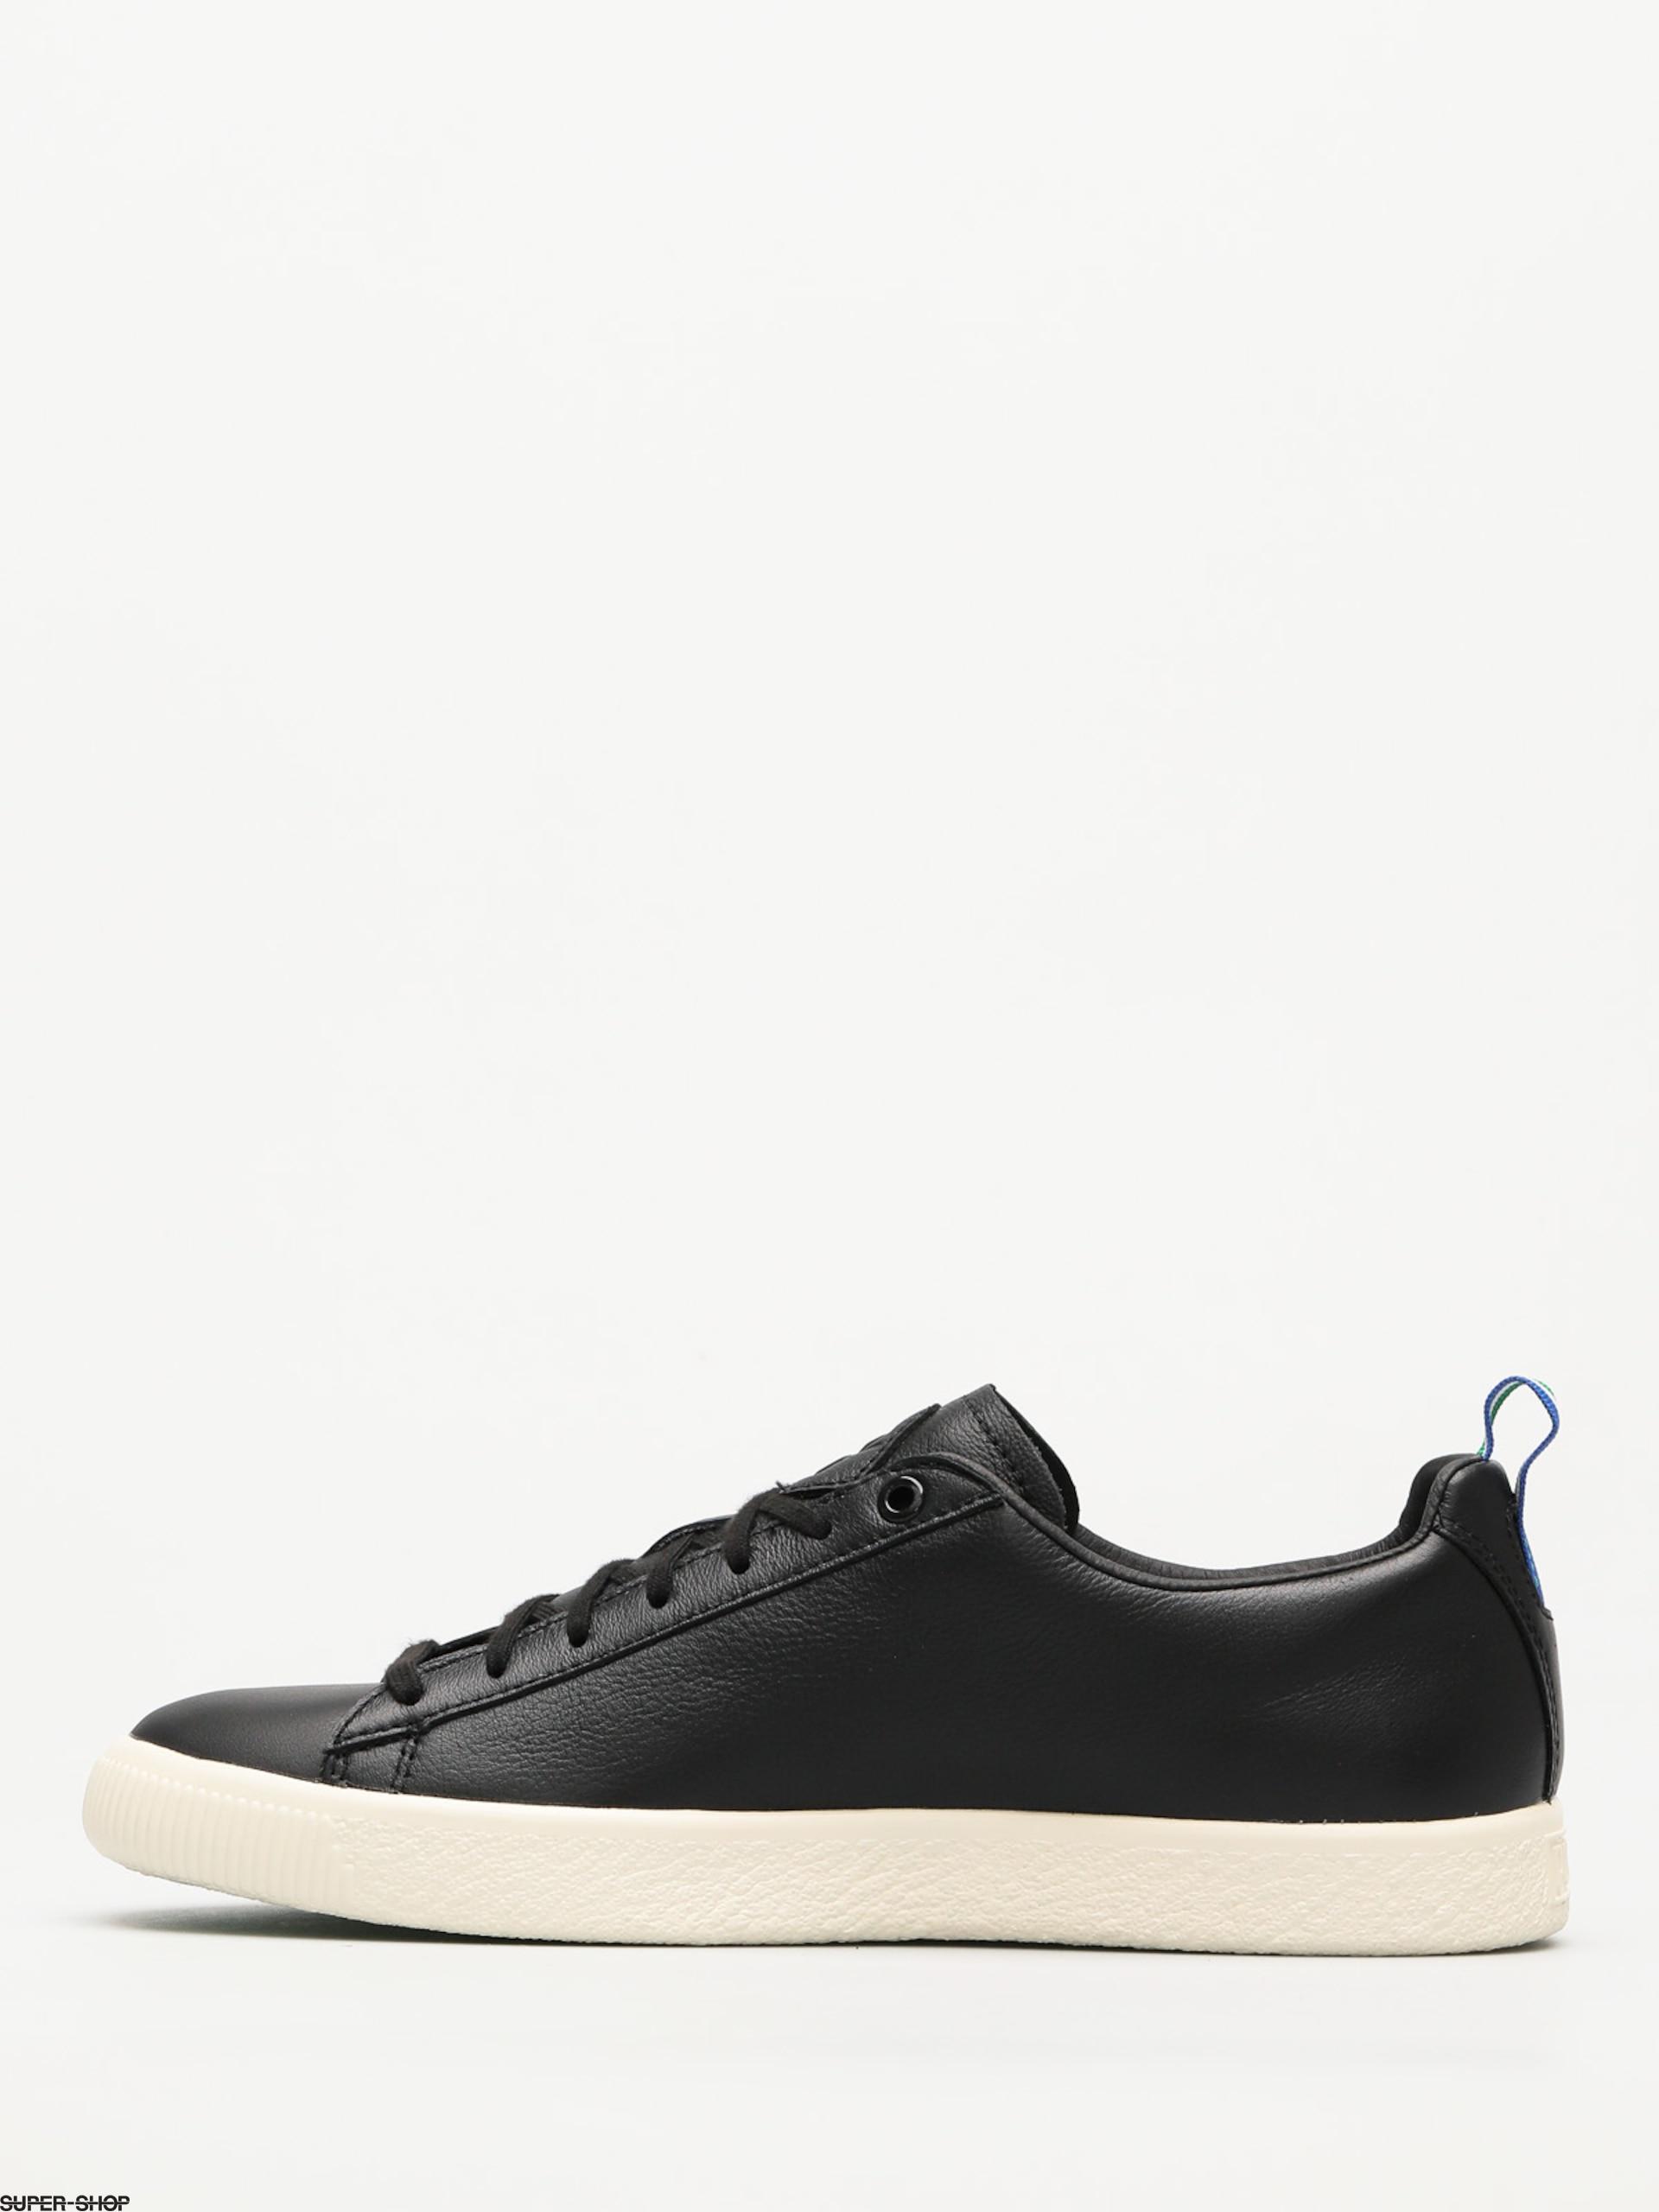 Puma Shoes Clyde Big Sean (puma black)